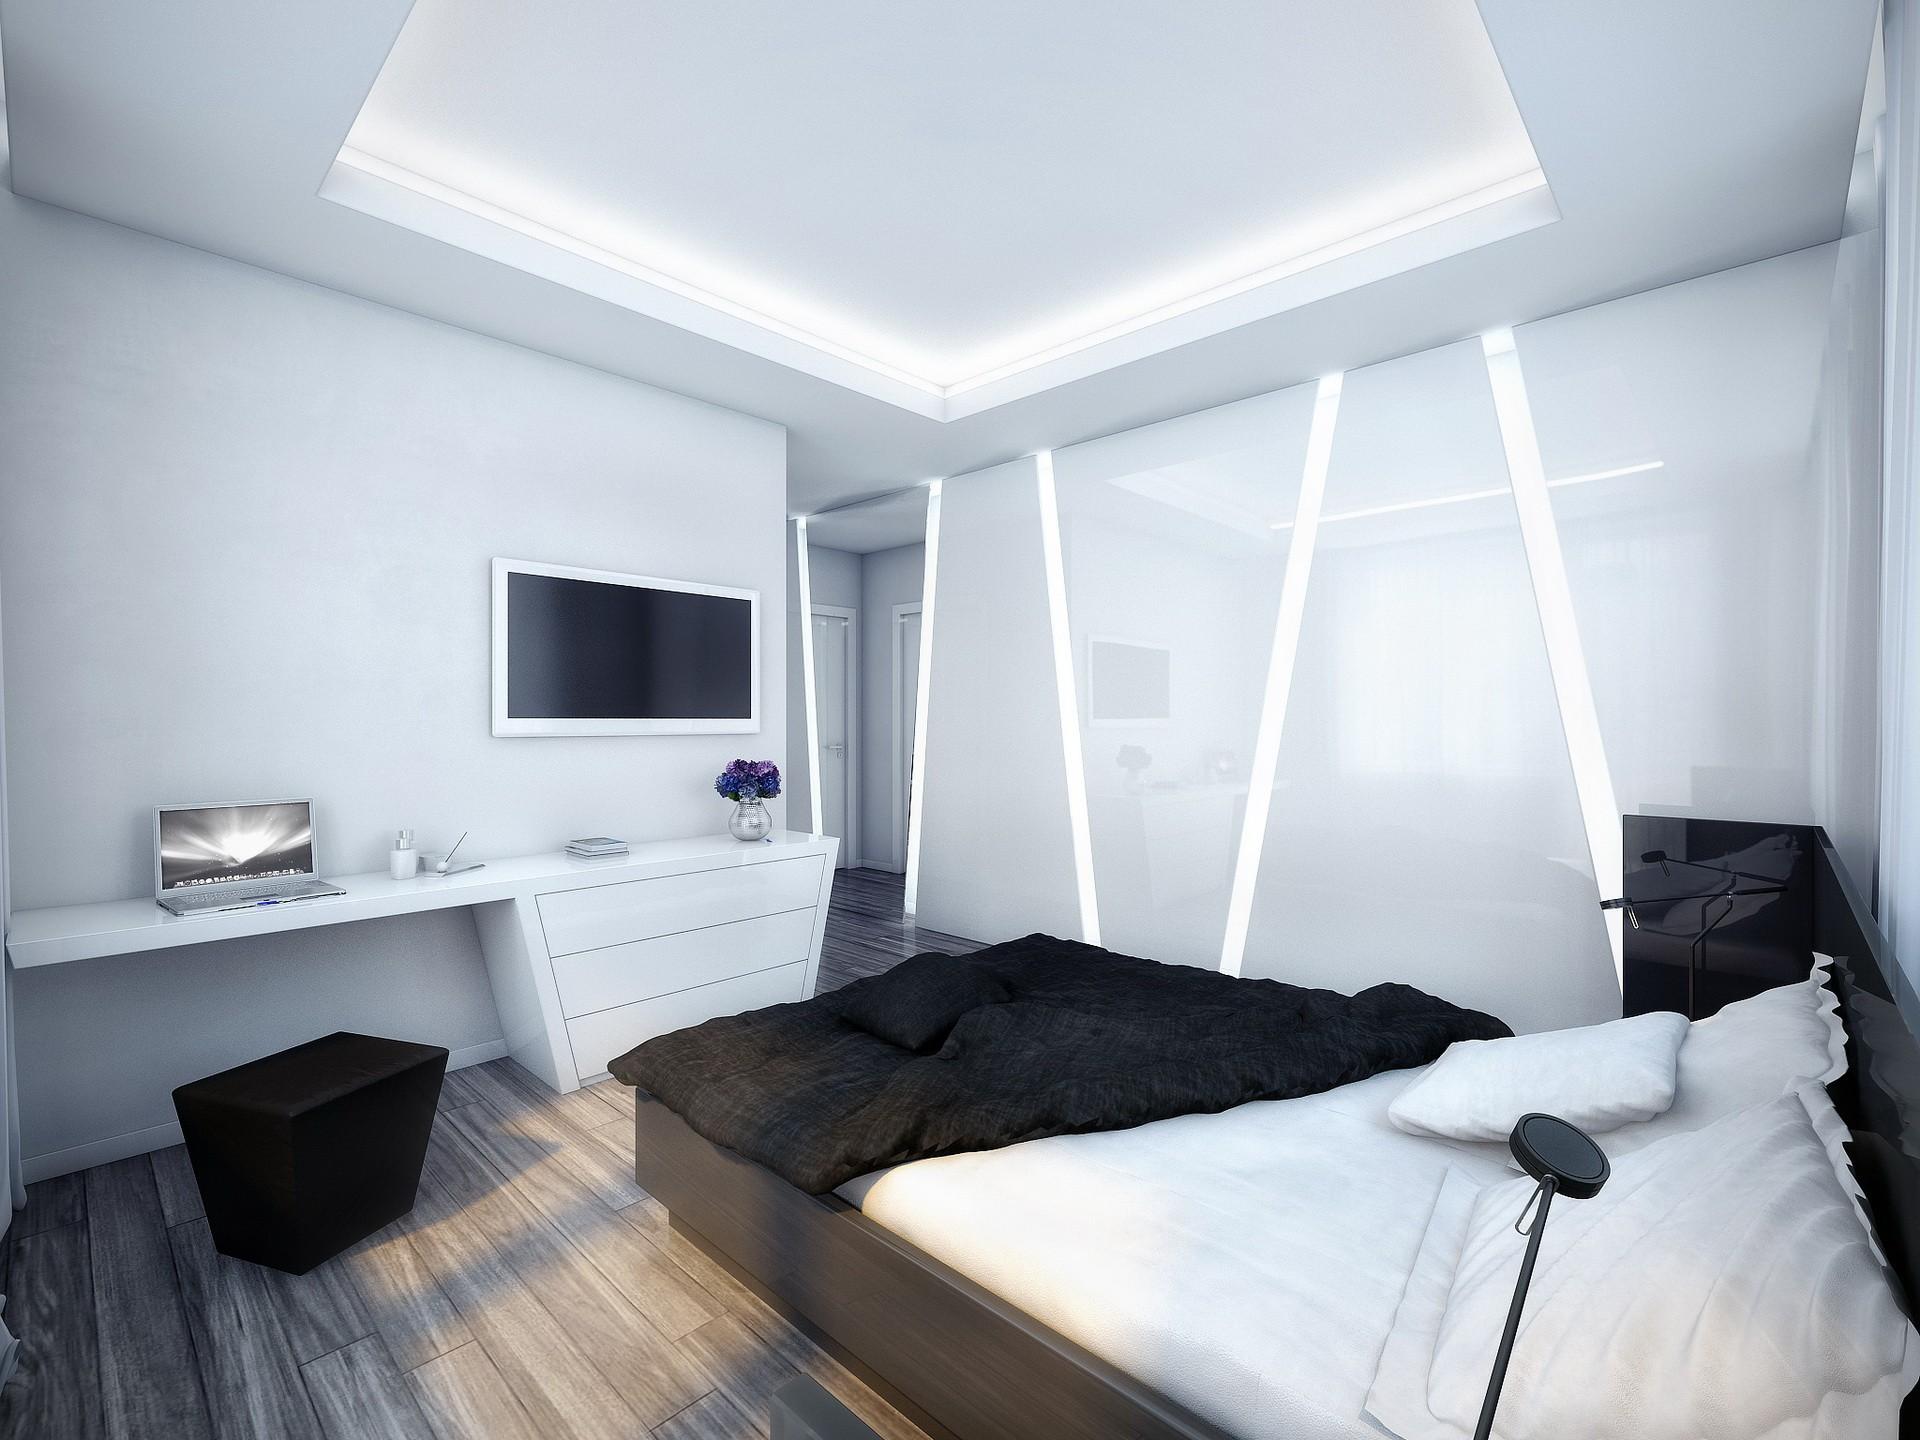 спальня 8 кв м дизайн идеи